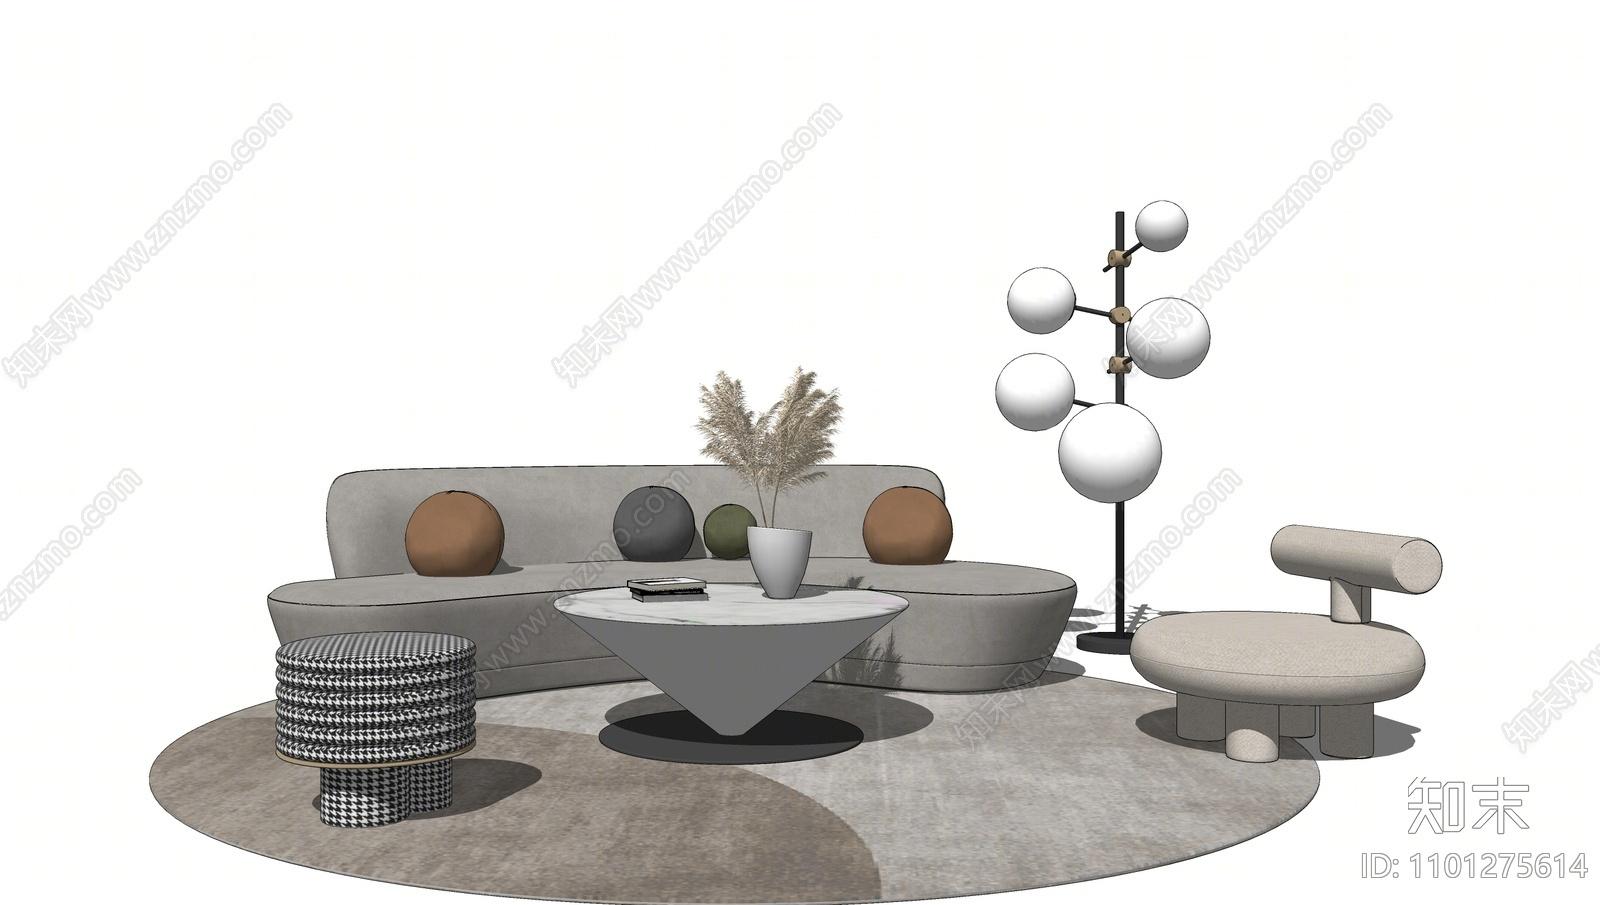 现代沙发茶几组合SU模型下载【ID:1101275614】